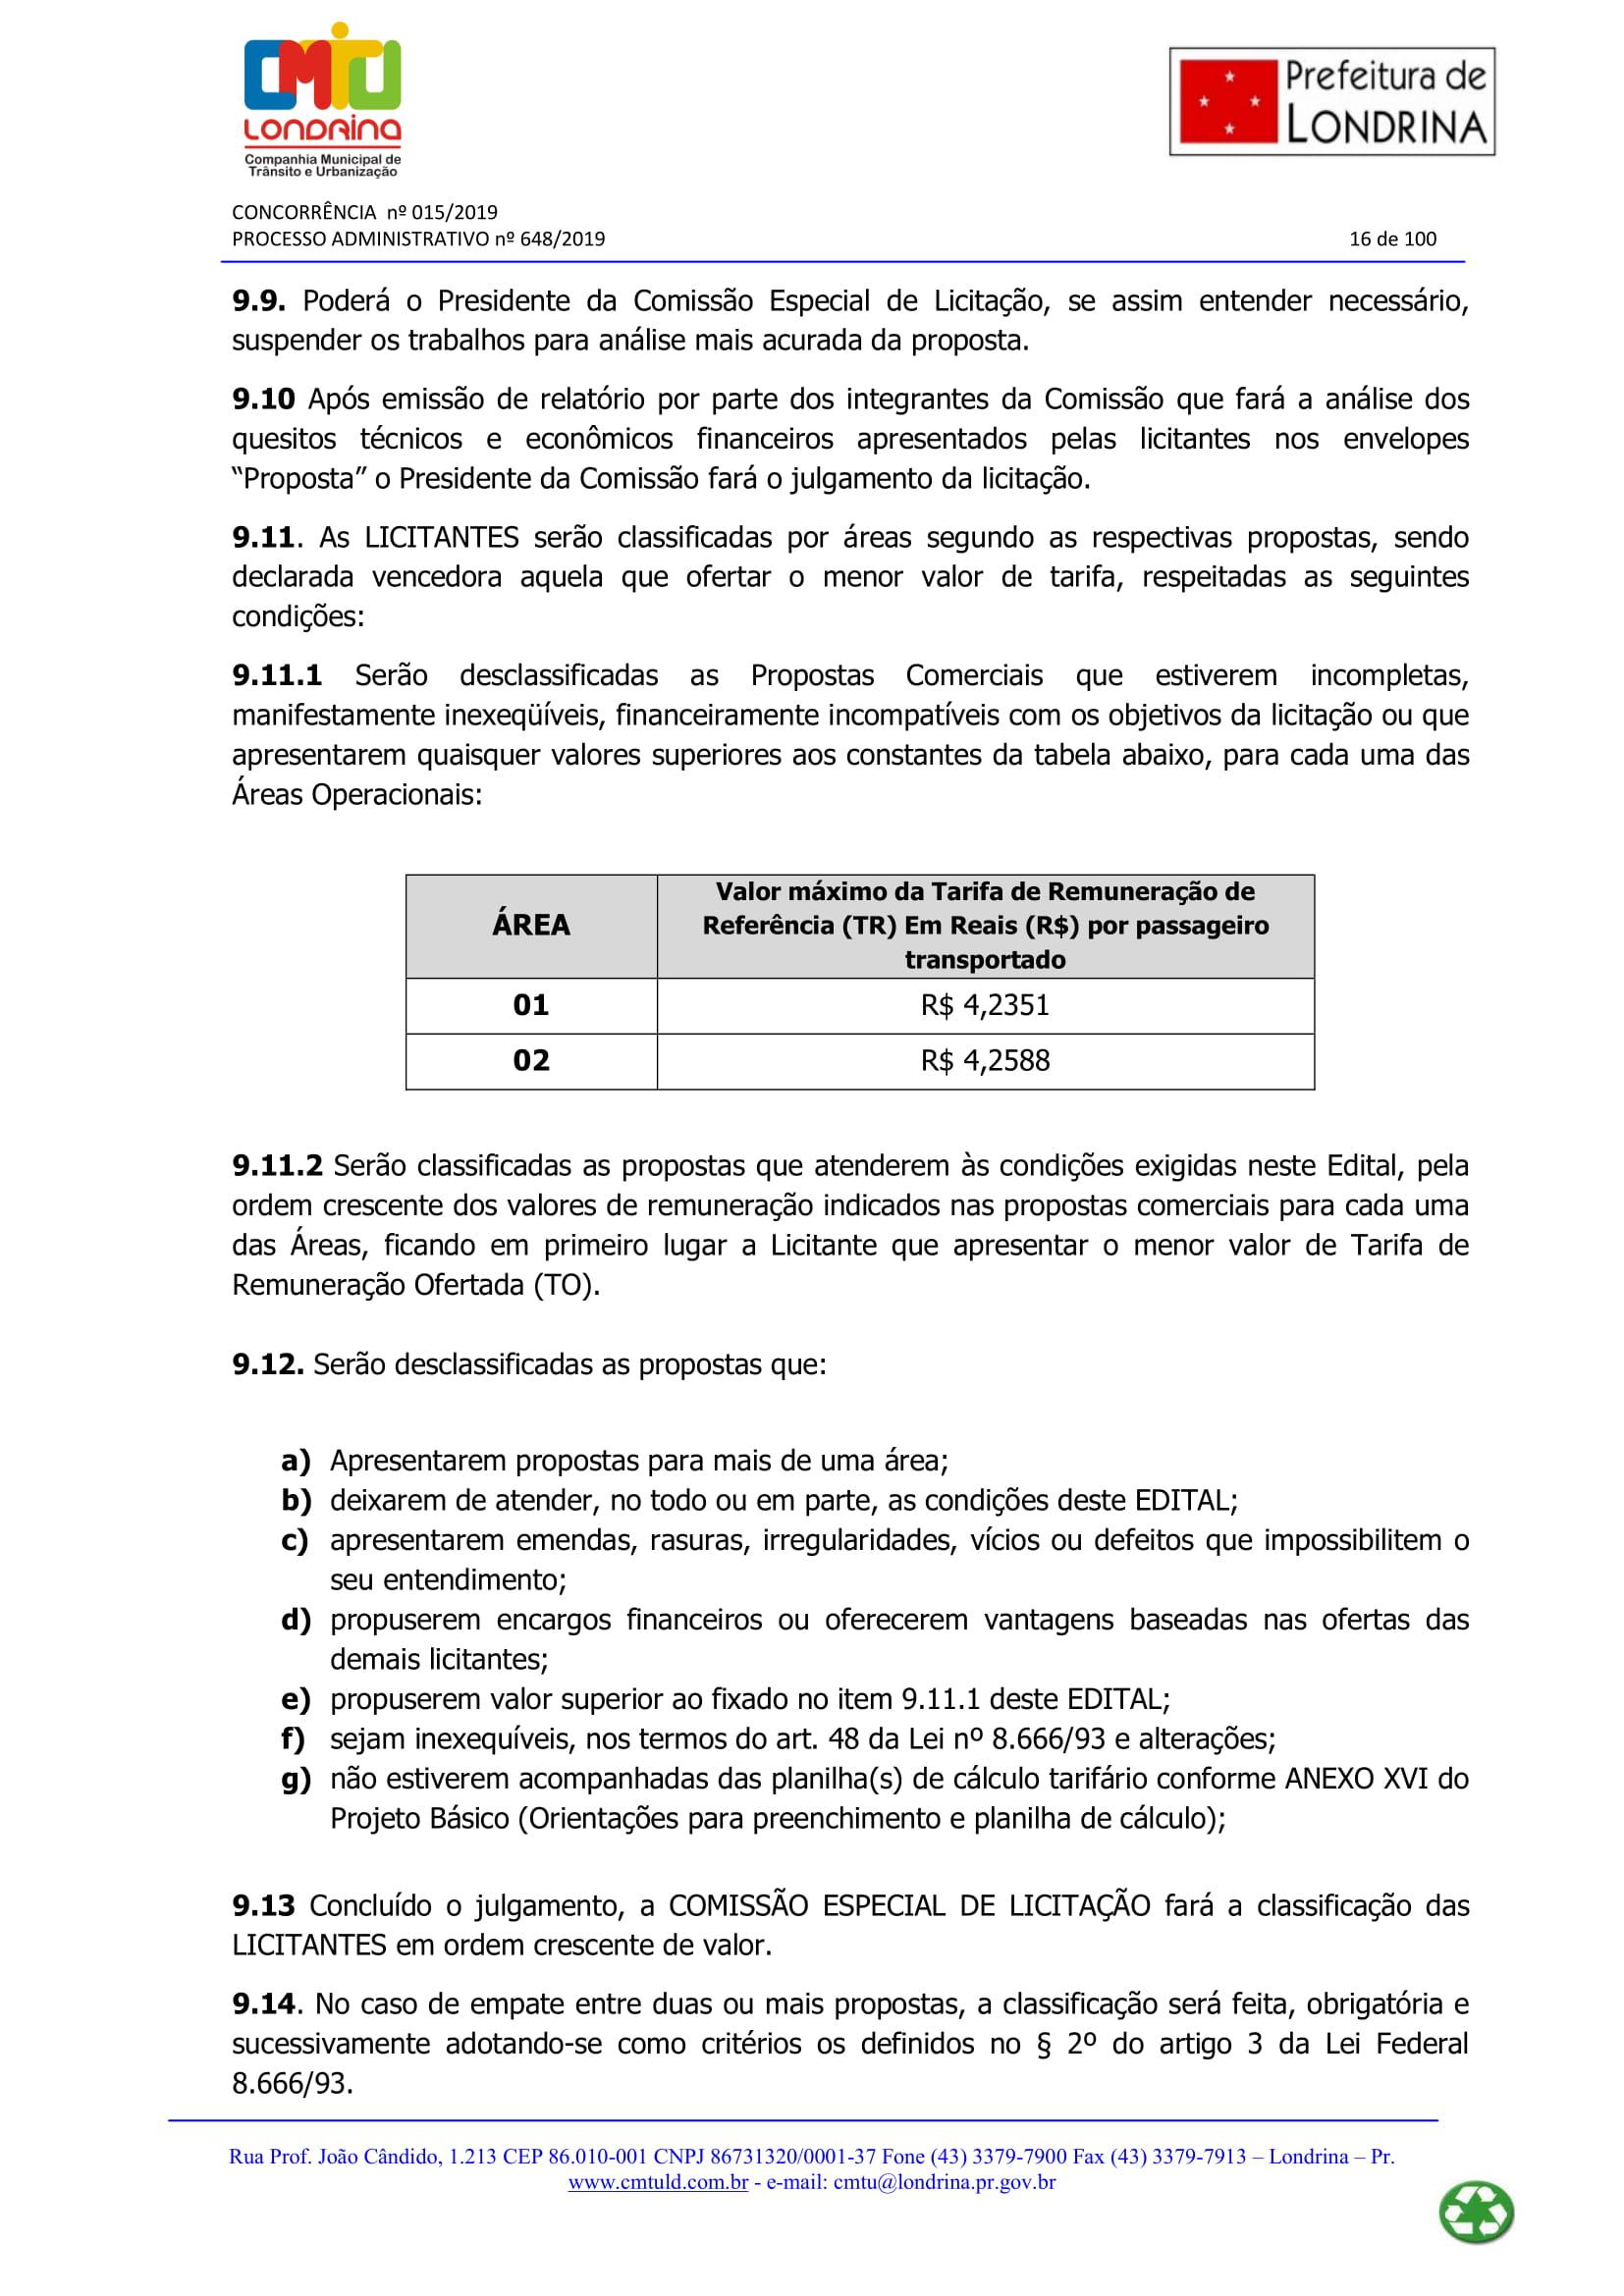 Edital_CC_015-2019-016